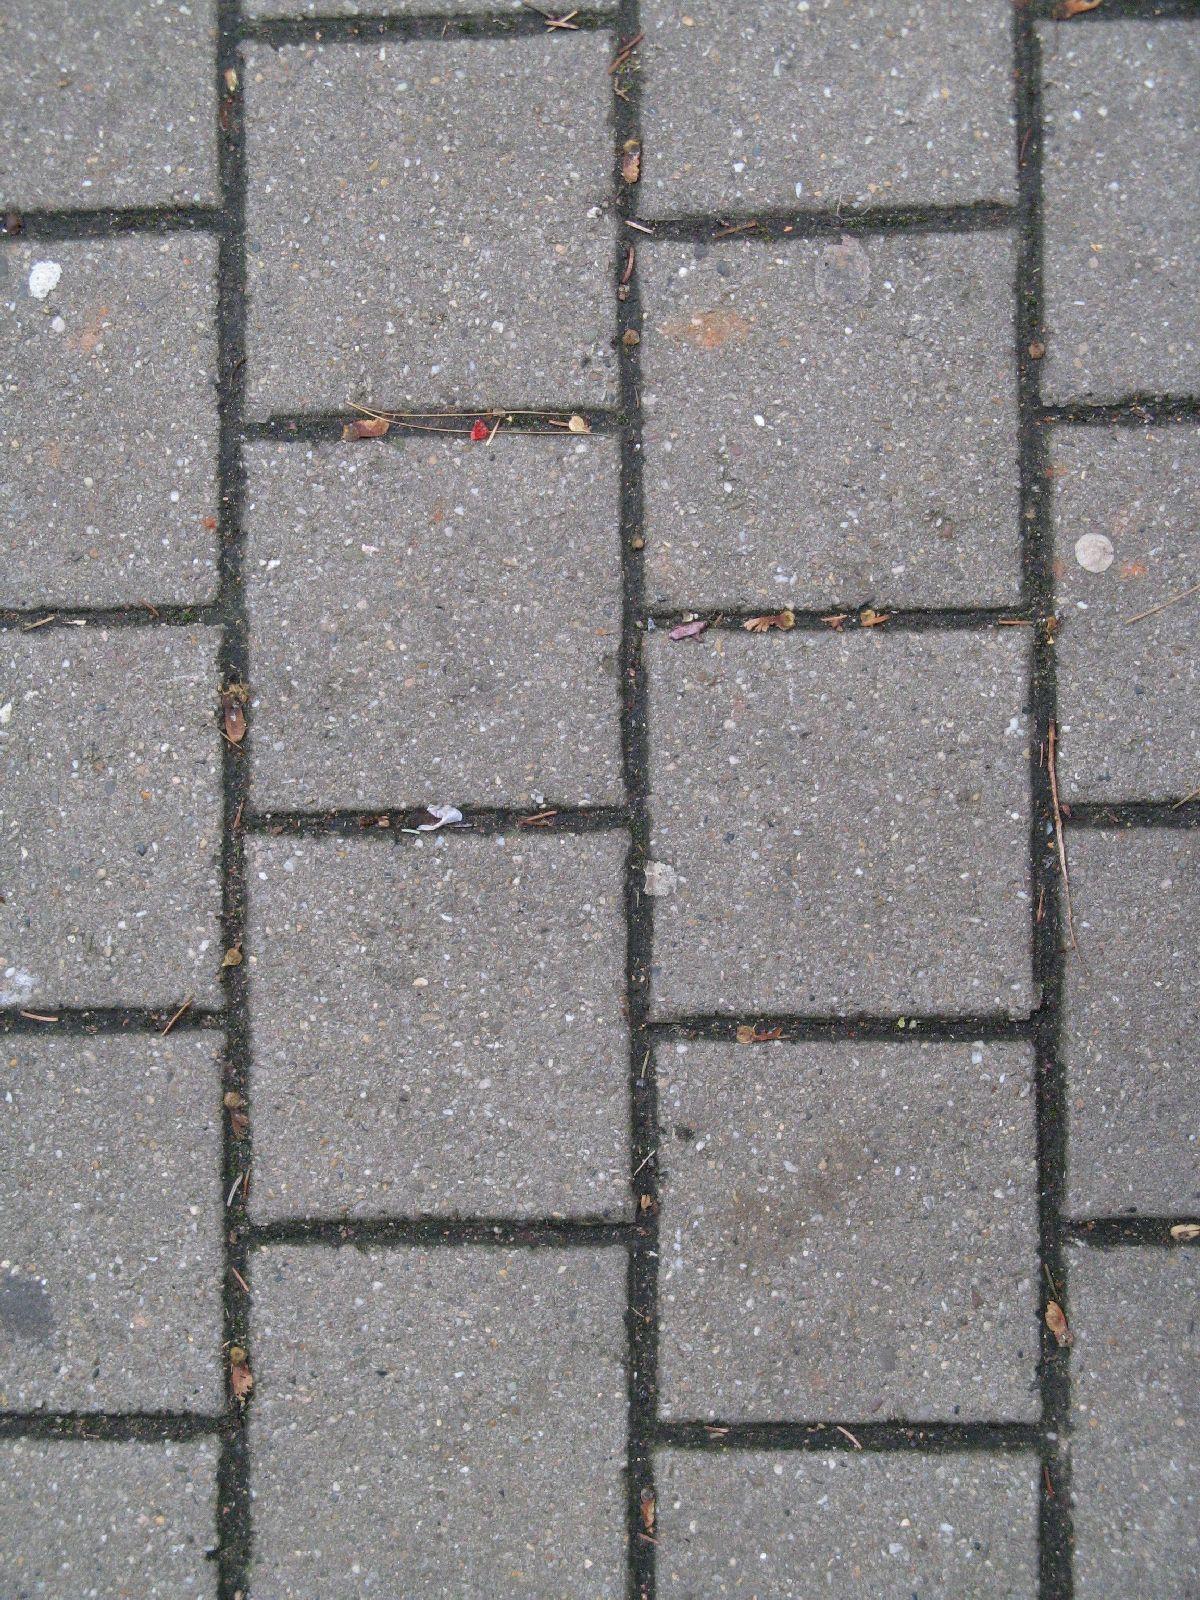 Boden-Gehweg-Strasse-Buergersteig-Textur_B_01947